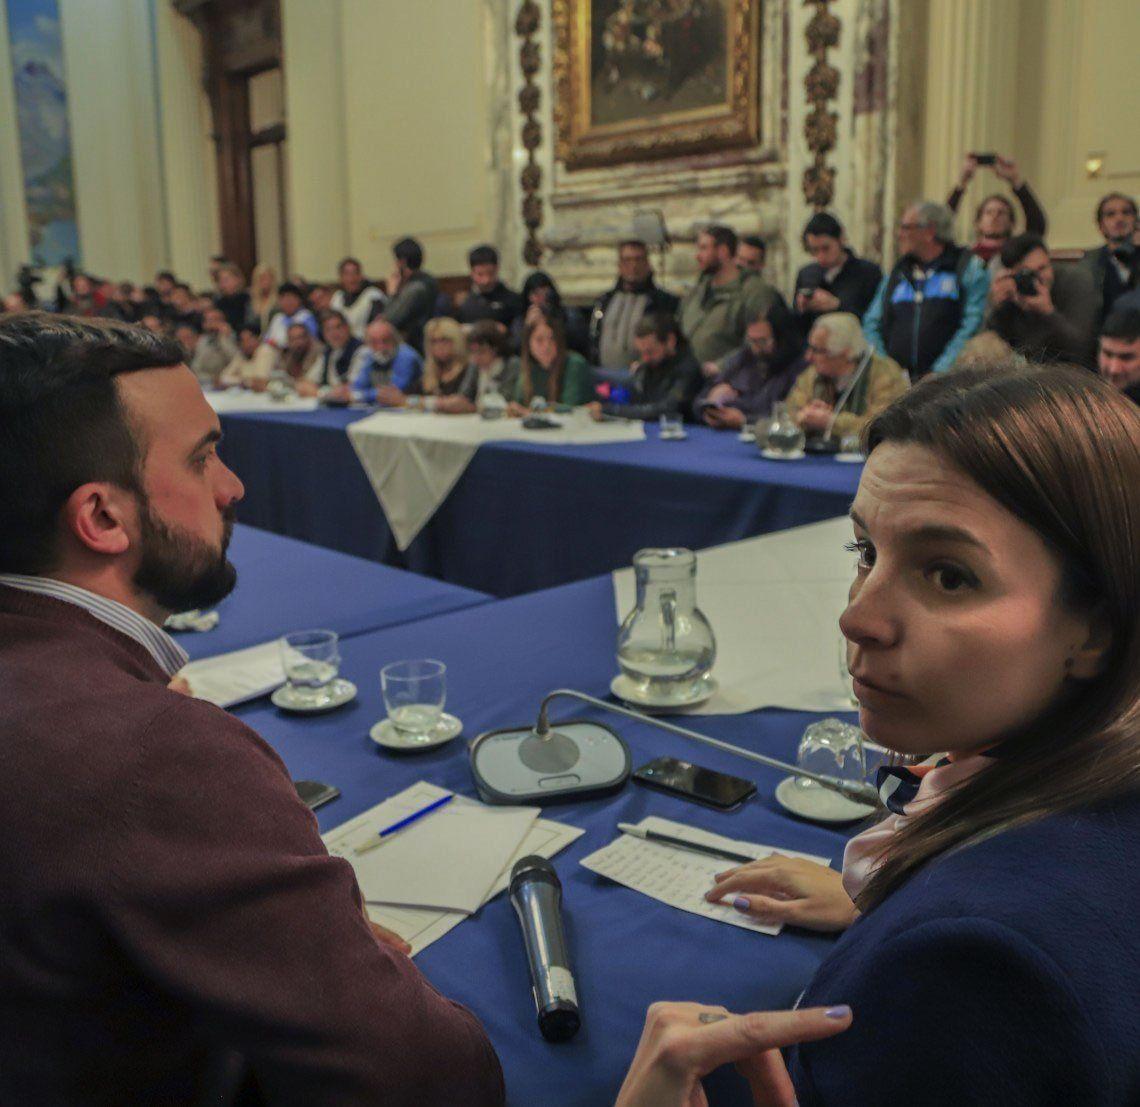 El miércoles se desarrolló una audiencia en Diputados sobre la emergencia.